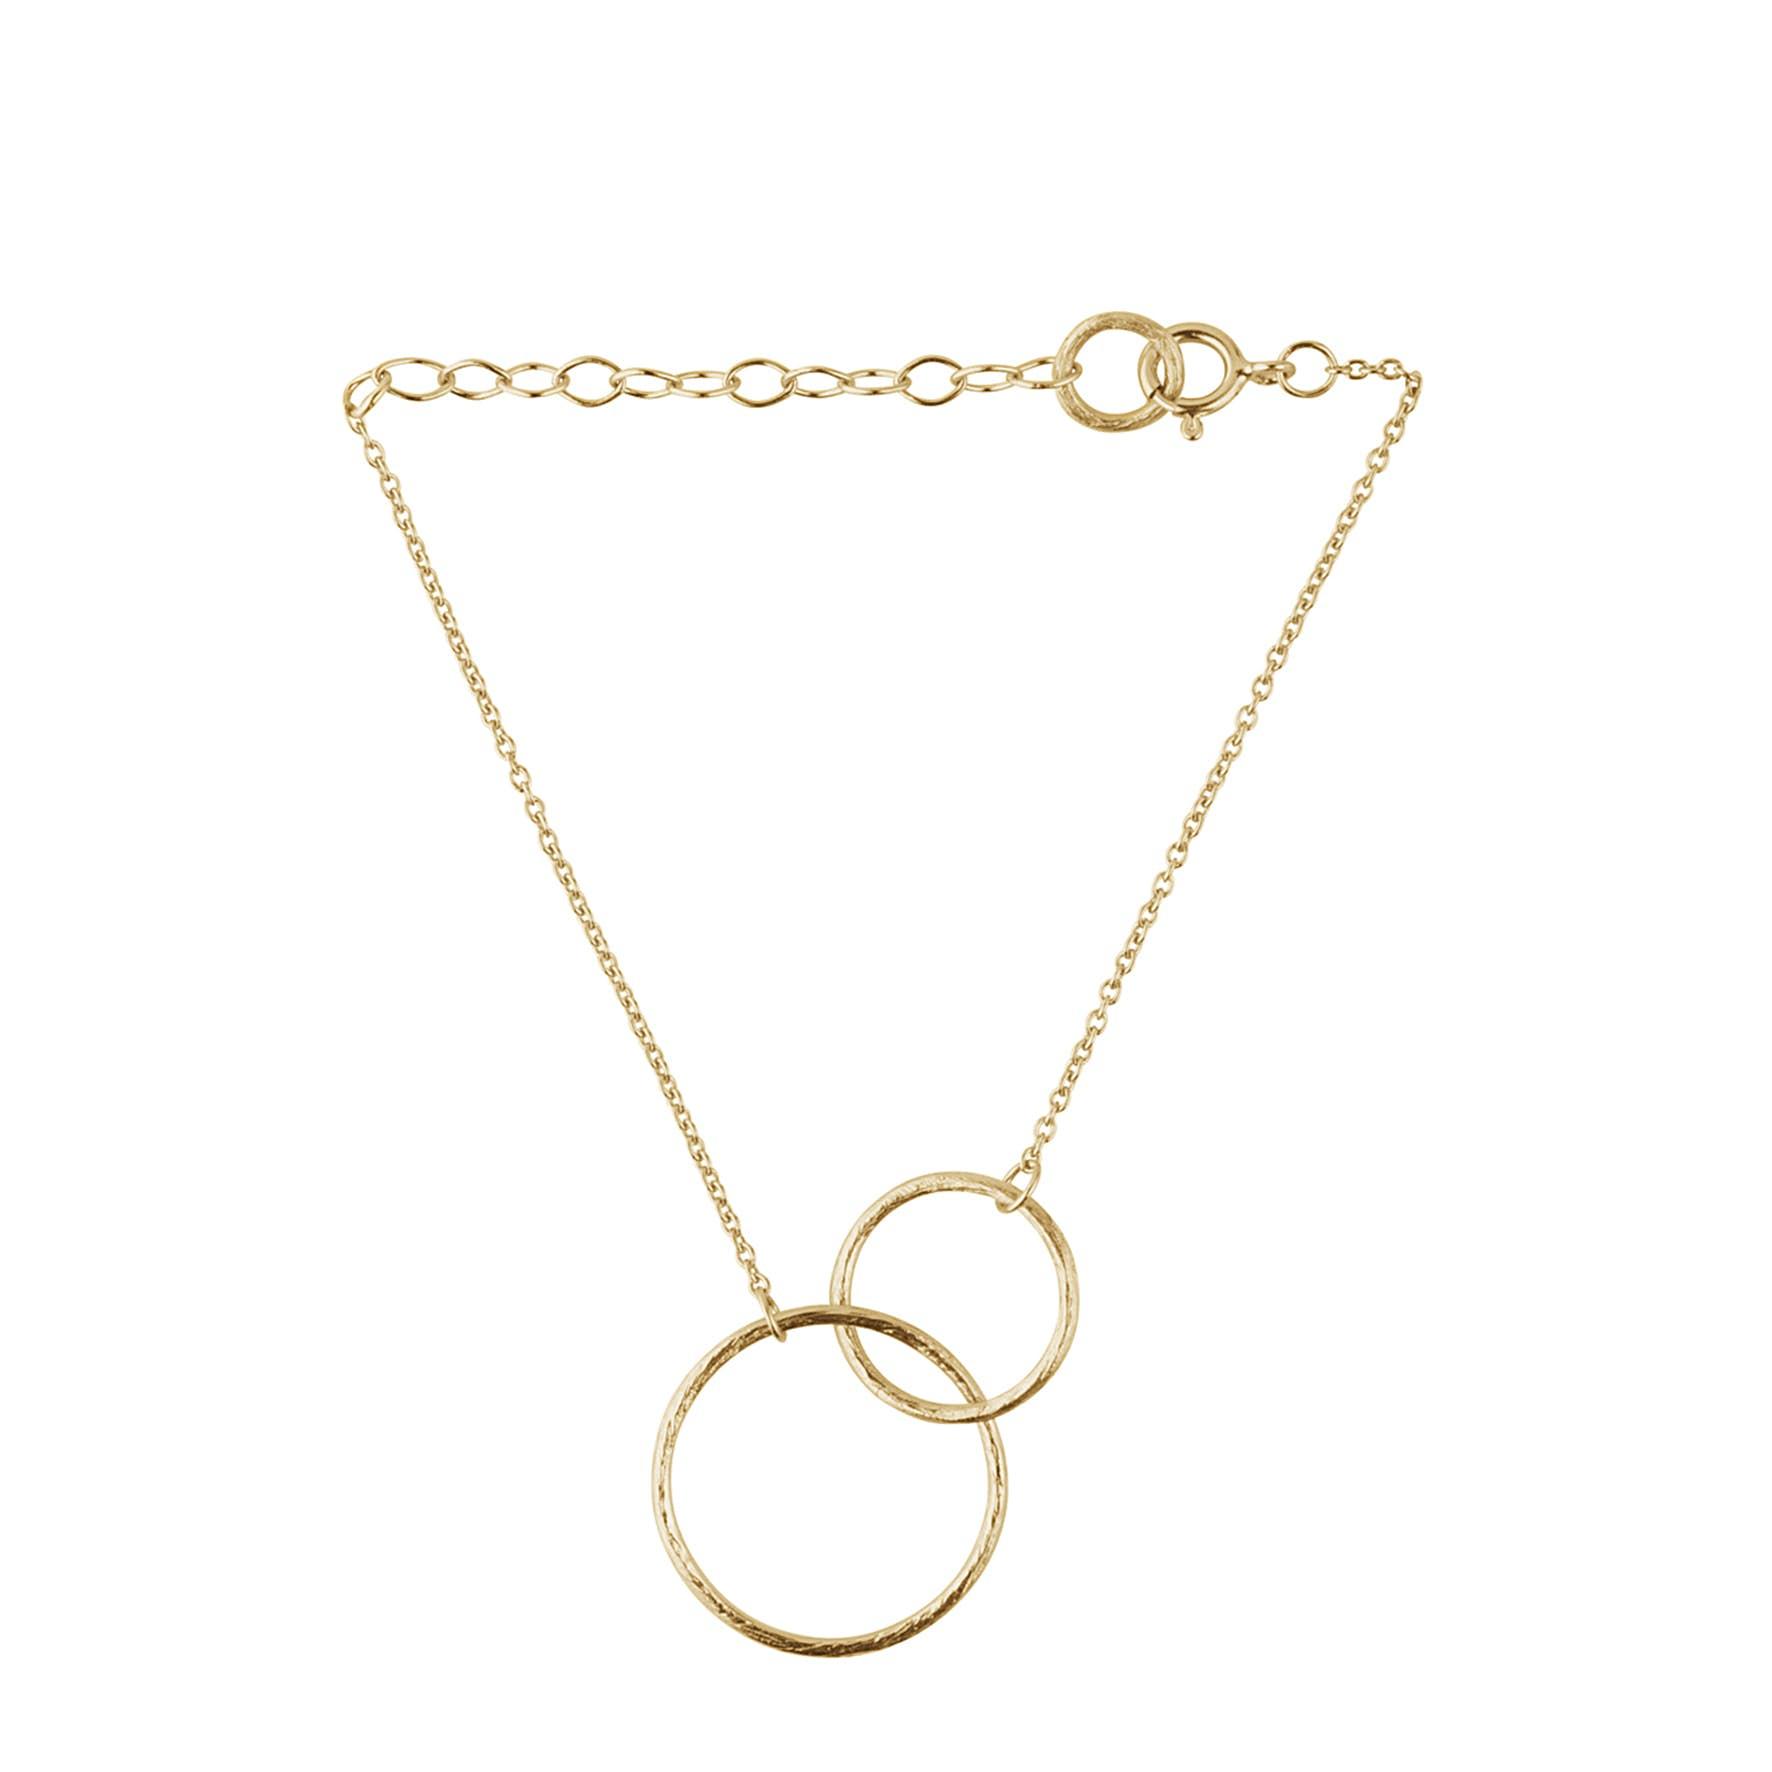 Double plain bracelet from Pernille Corydon in Goldplated-Silver Sterling 925| Matt,Blank